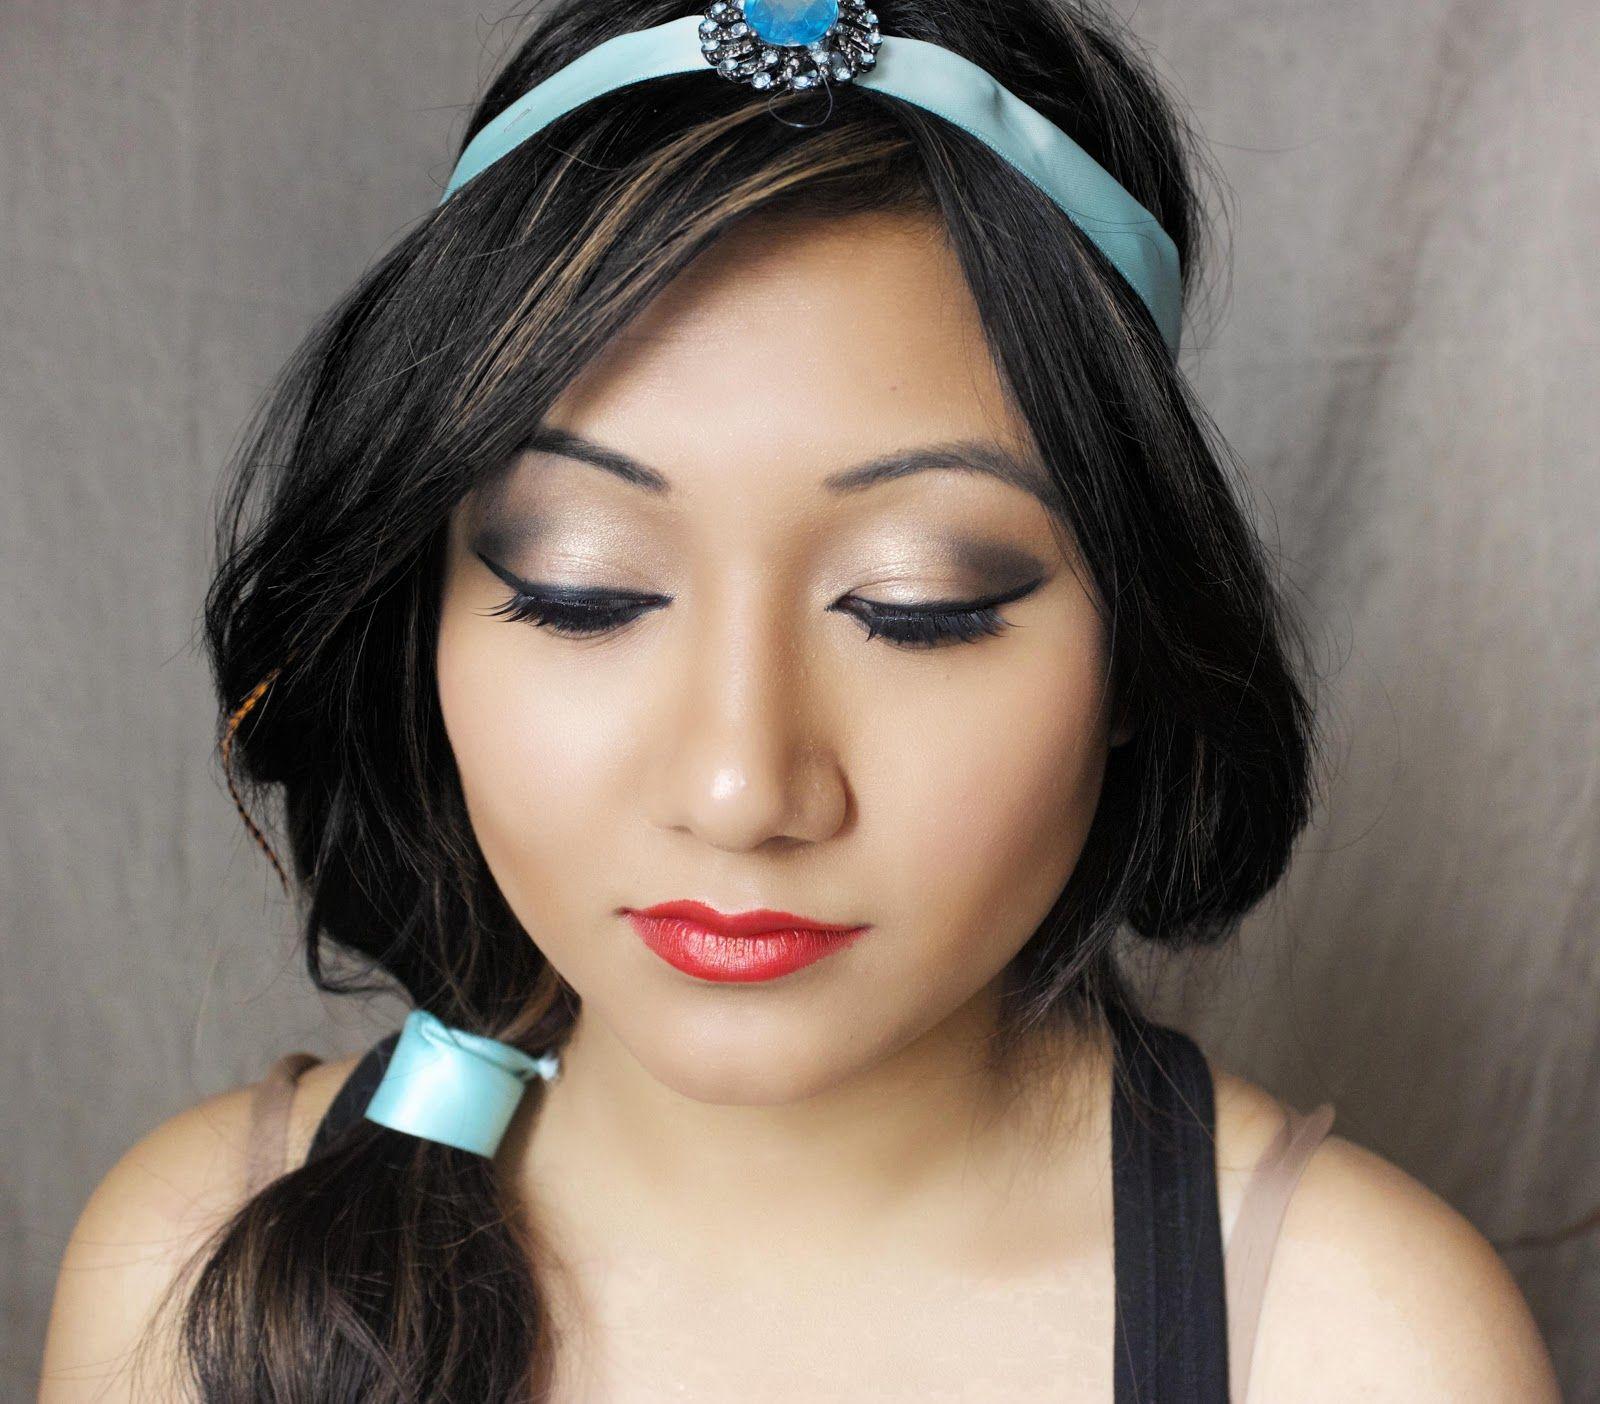 Makeup by MAK: Princess Jasmine Makeup Look